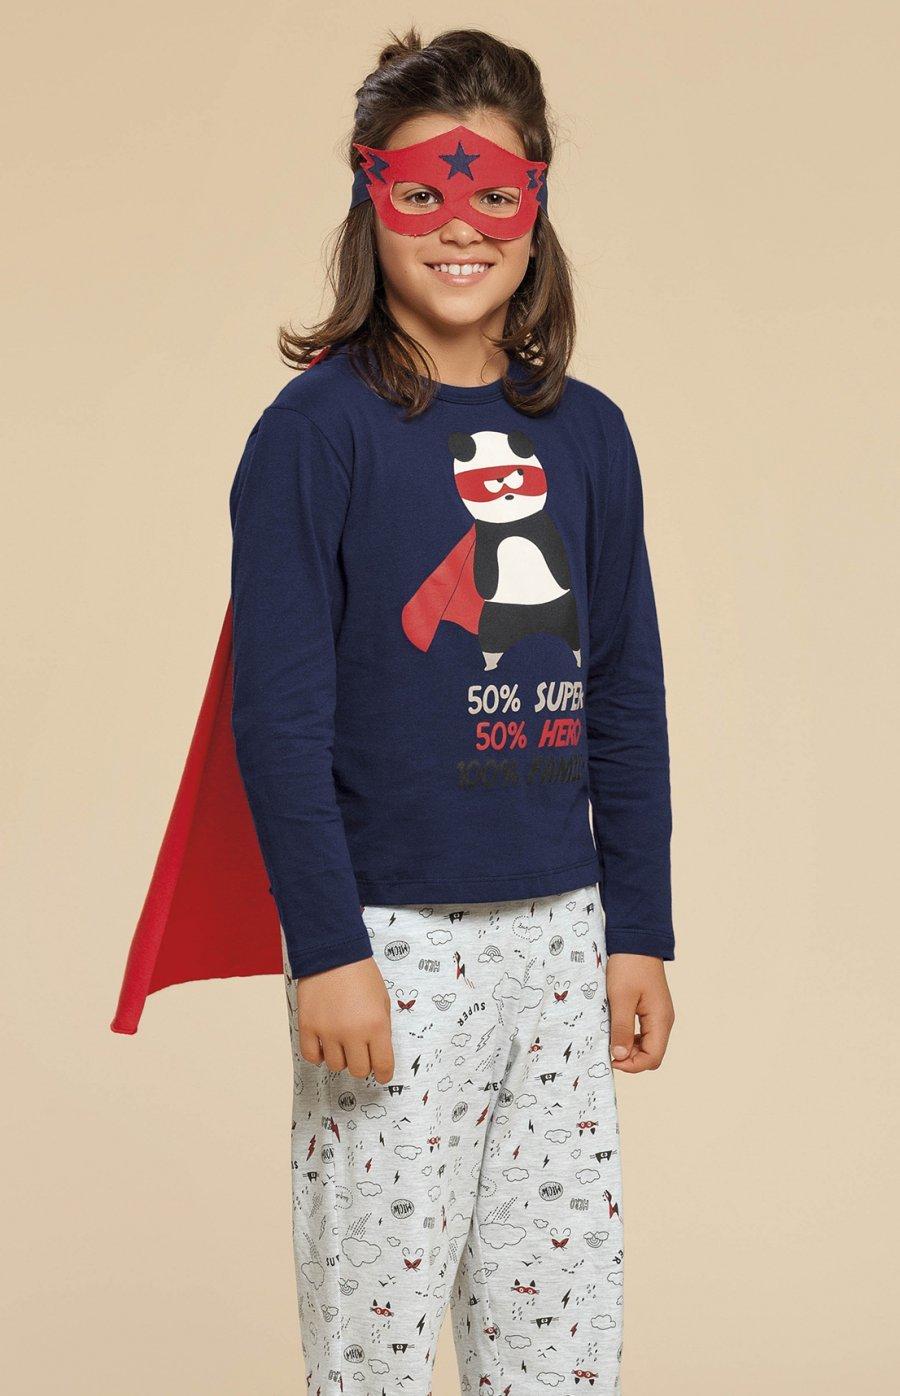 Pijama Infantil Meia Malha Super Family Inverno 2019 CLOUD CLUB - Acompanha Capa Removível e Máscara